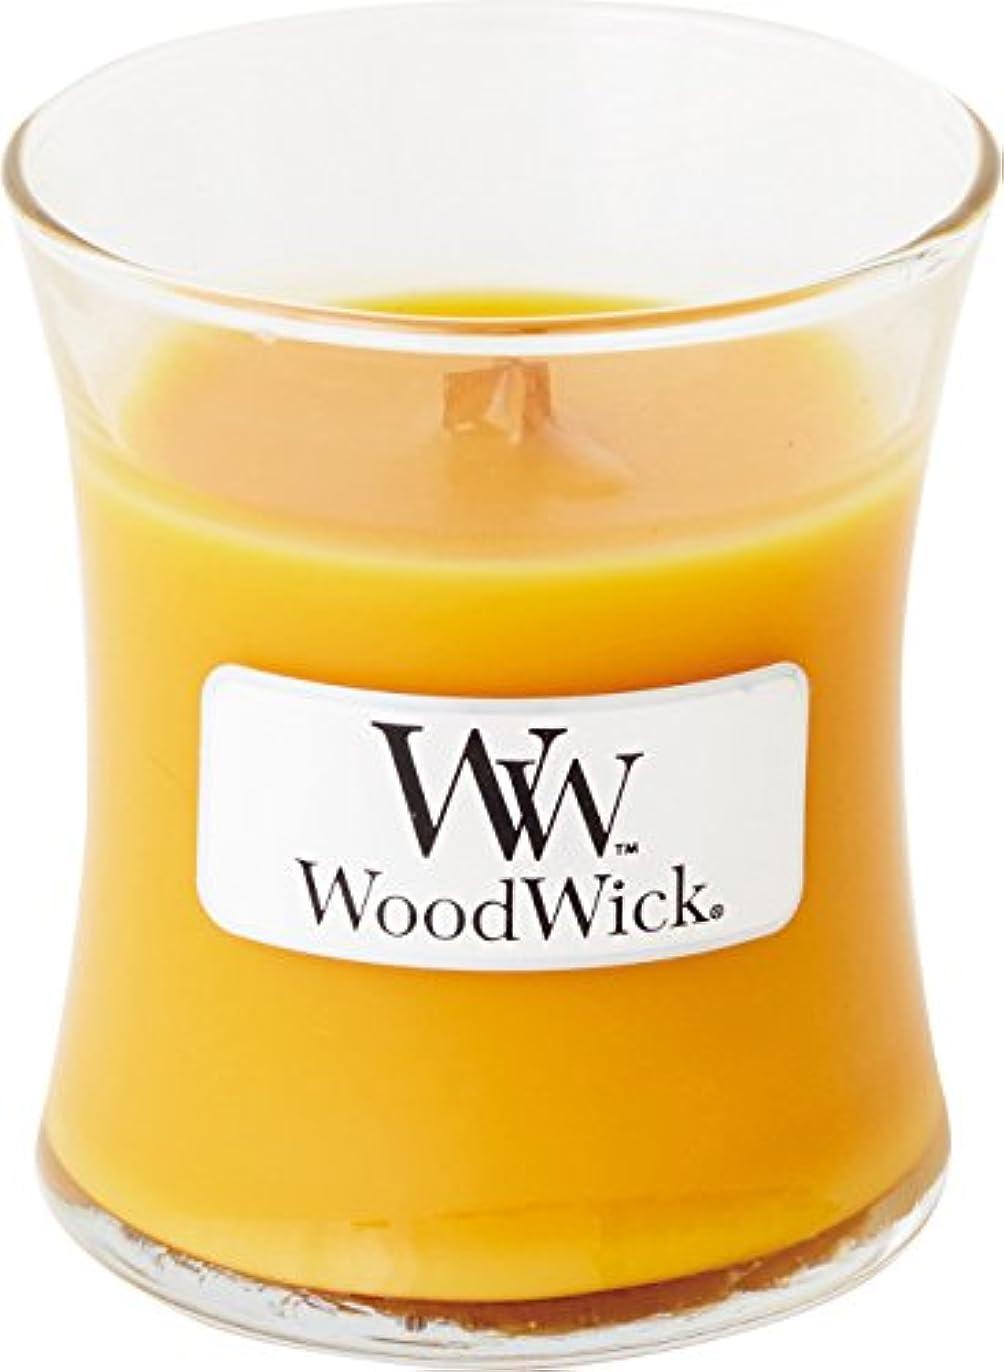 酔っ払い構想する報酬のWood Wick ウッドウィック ジャーキャンドルSサイズ スパークリングオレンジ